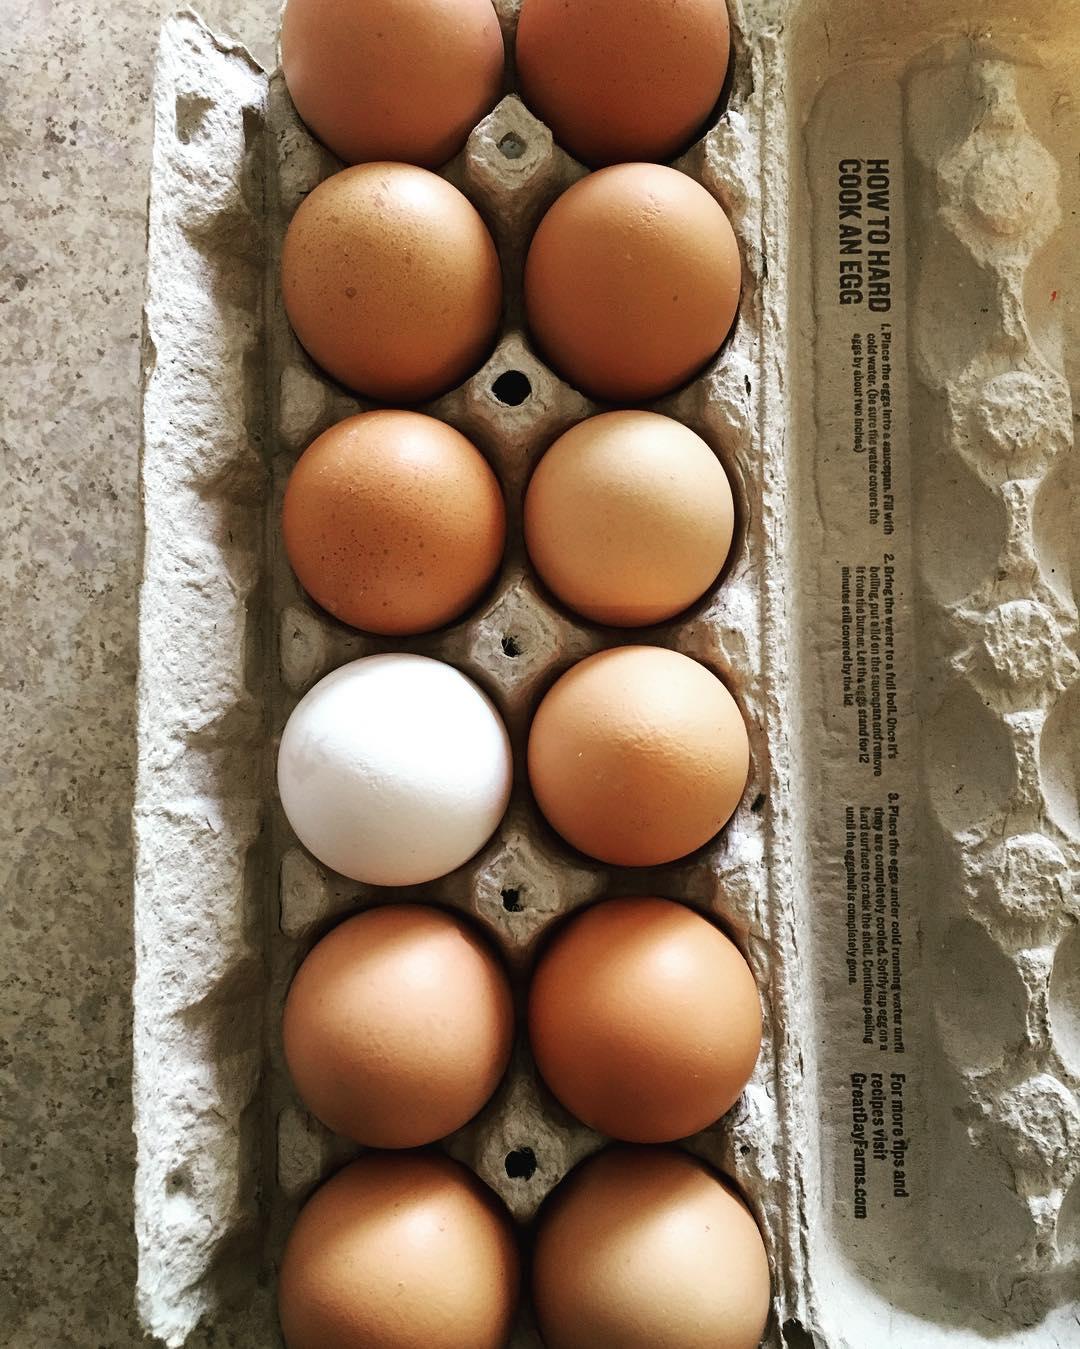 egg-carton-eggs